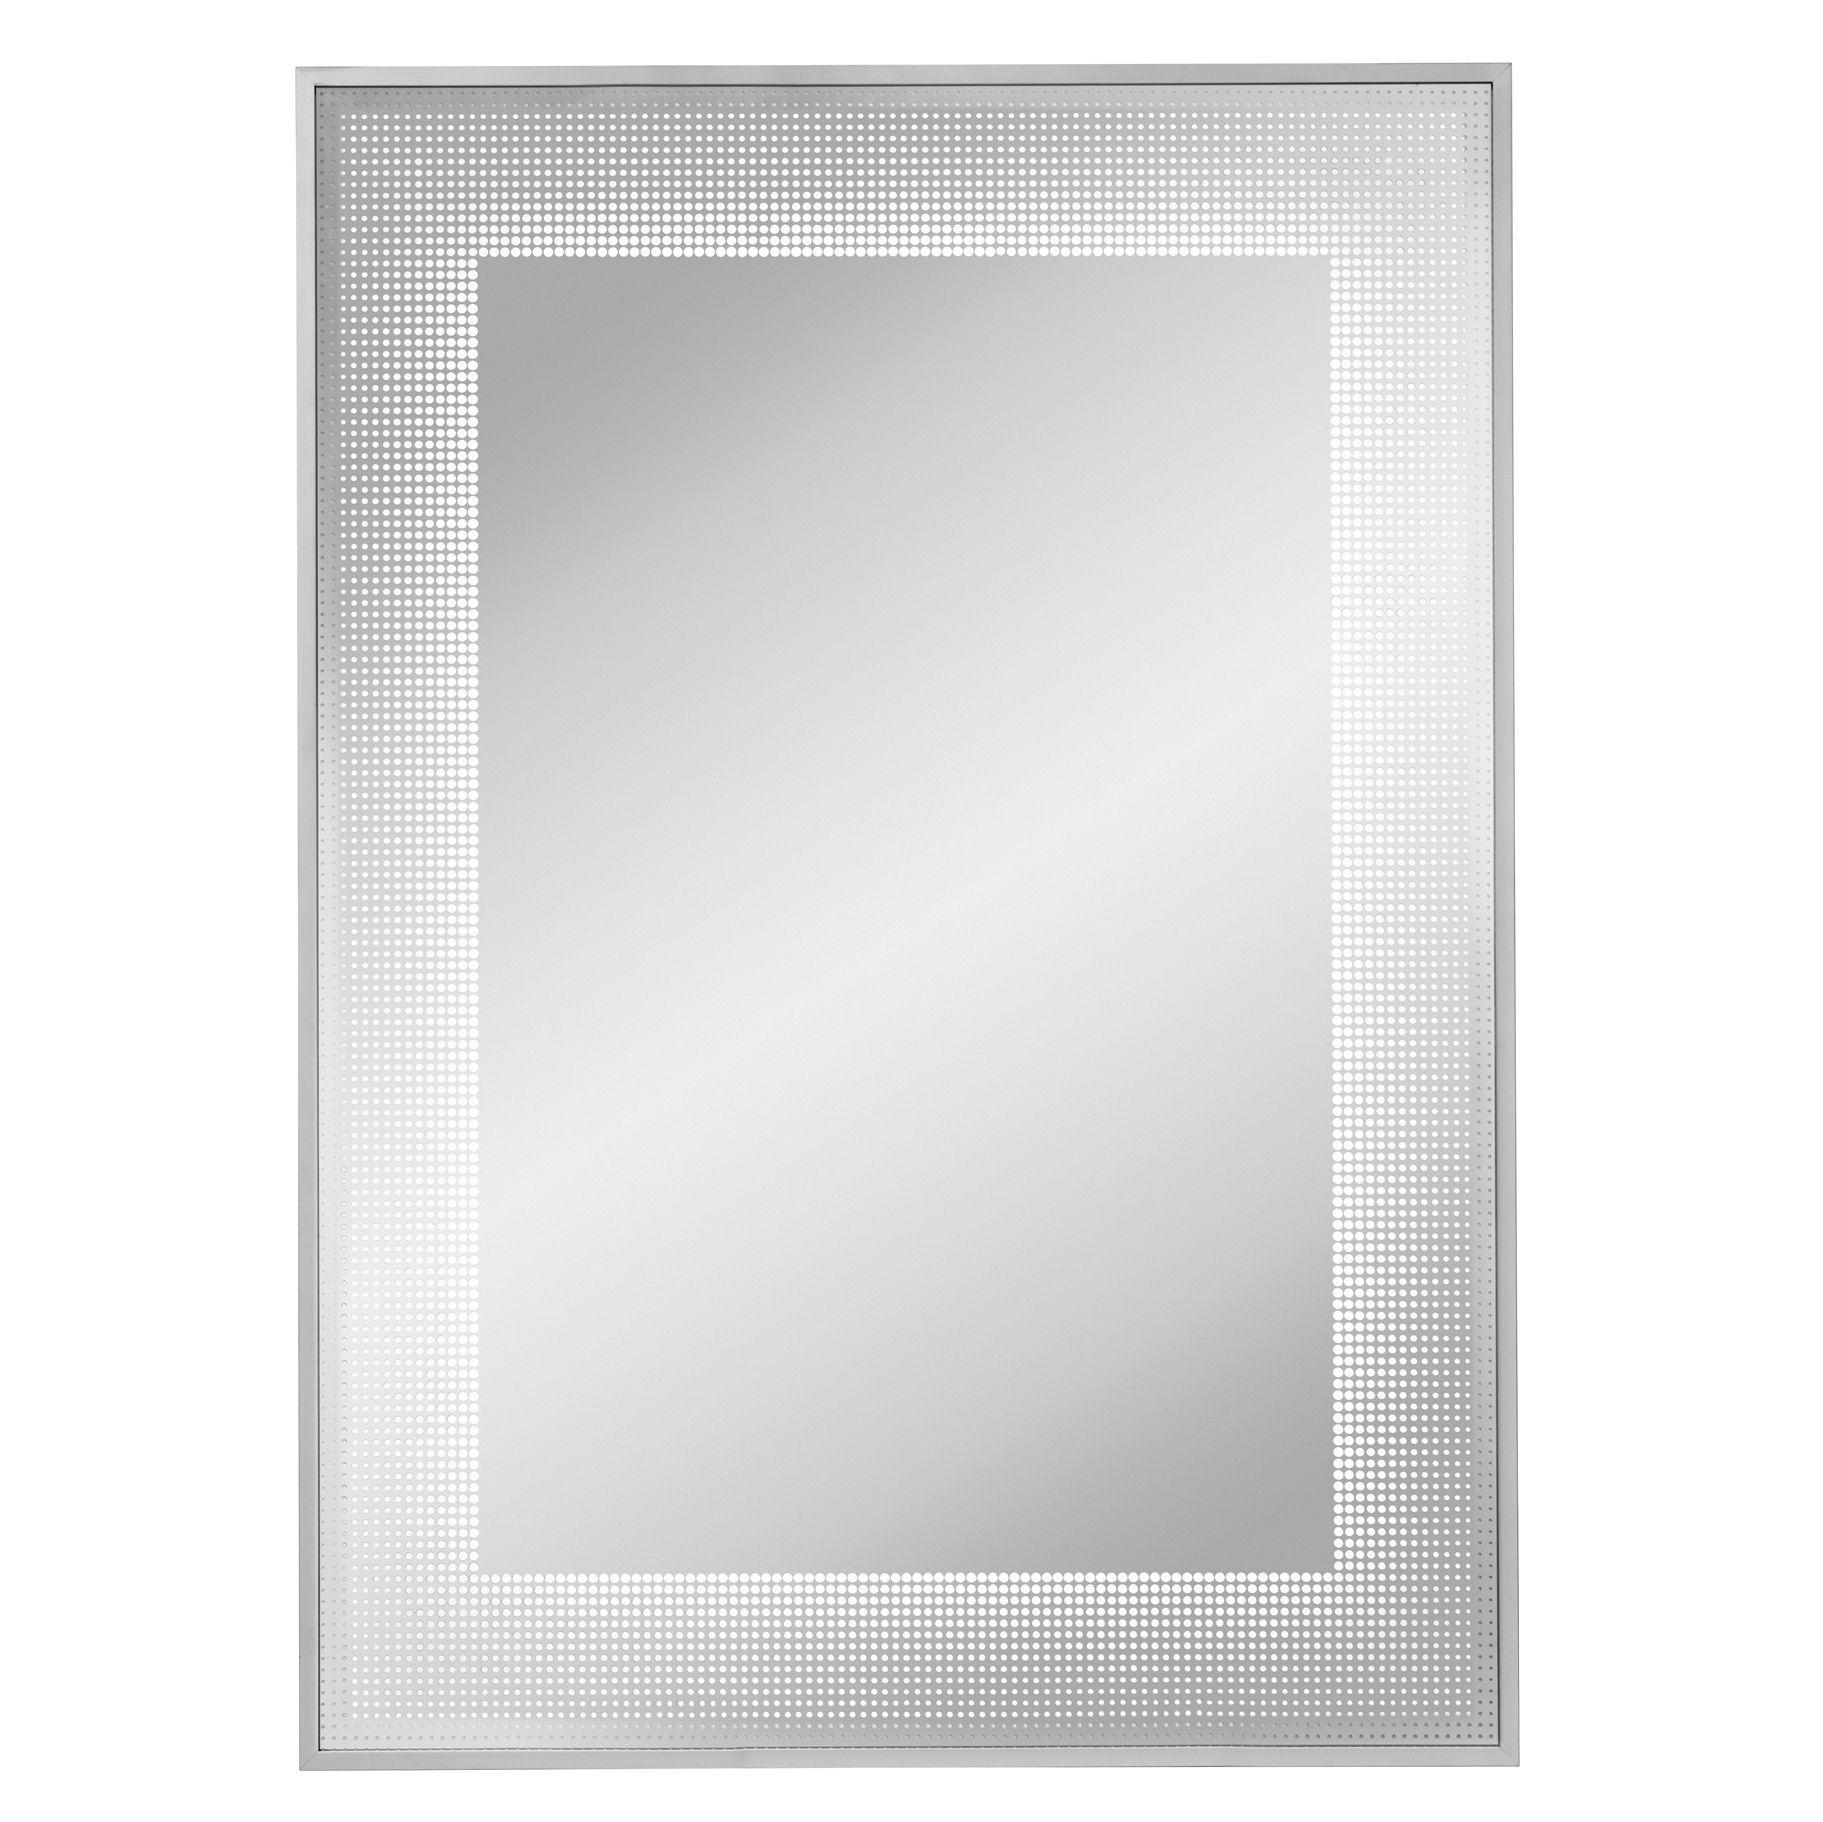 Lumino Cumulo Illuminated Bathroom Rectangular Mirror (w)500mm (h)700mm